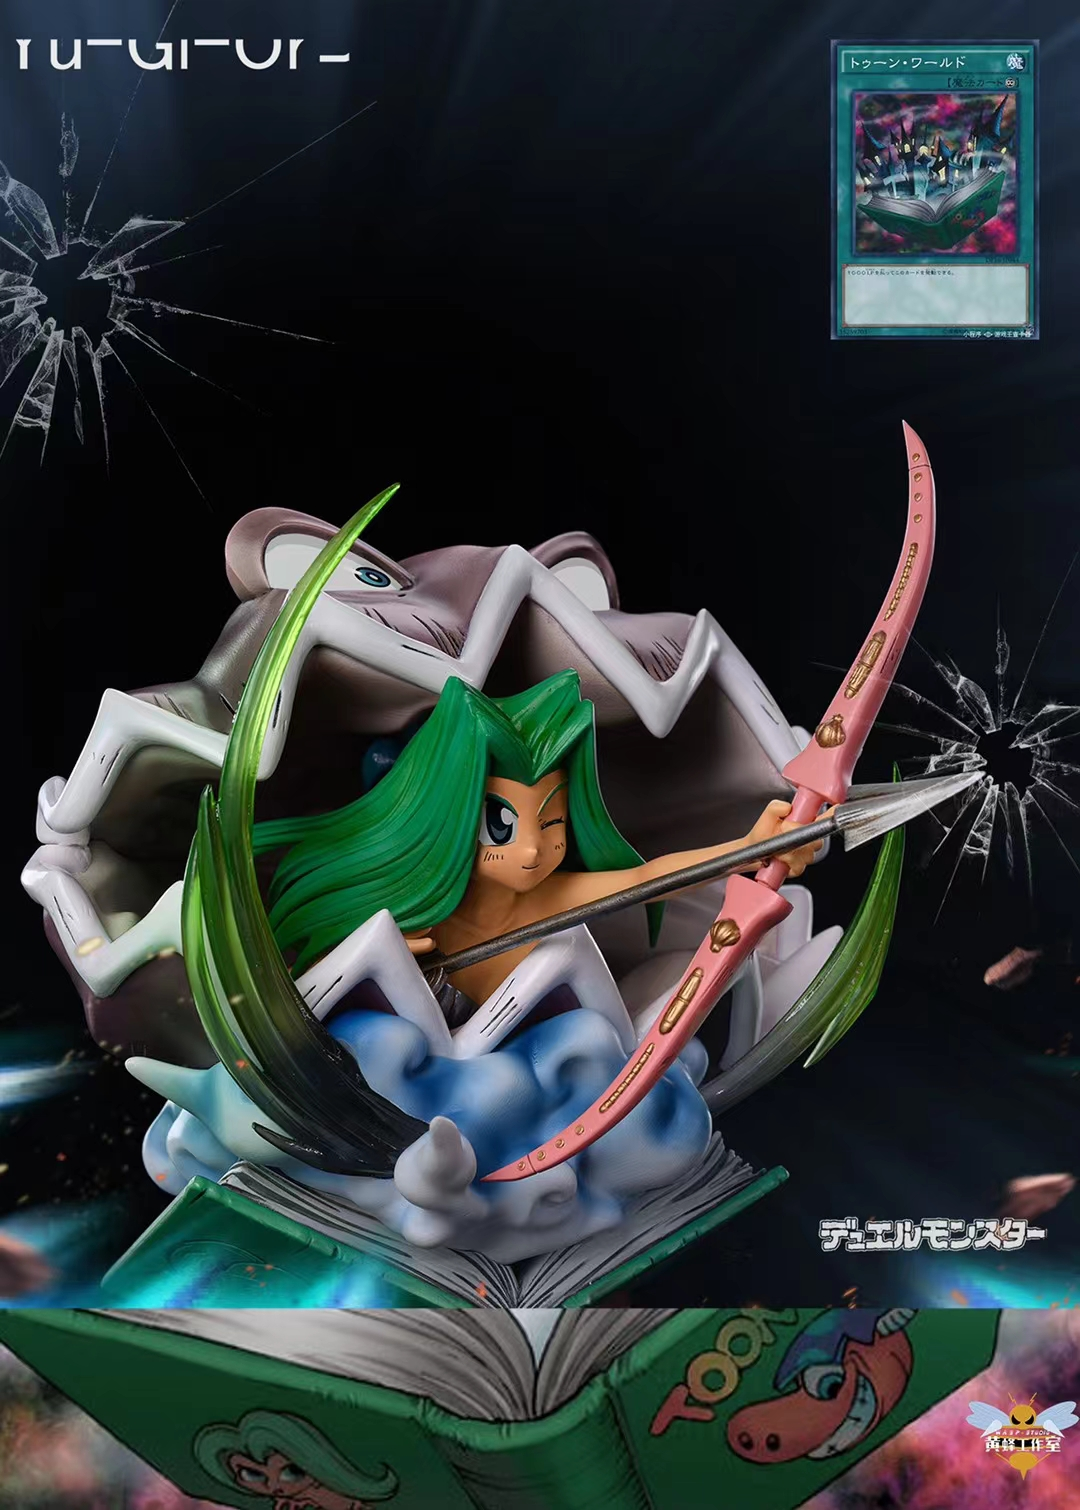 【Preorder】WASP Studio Yu-Gi-Oh! Toon Mermaid Resin Statue